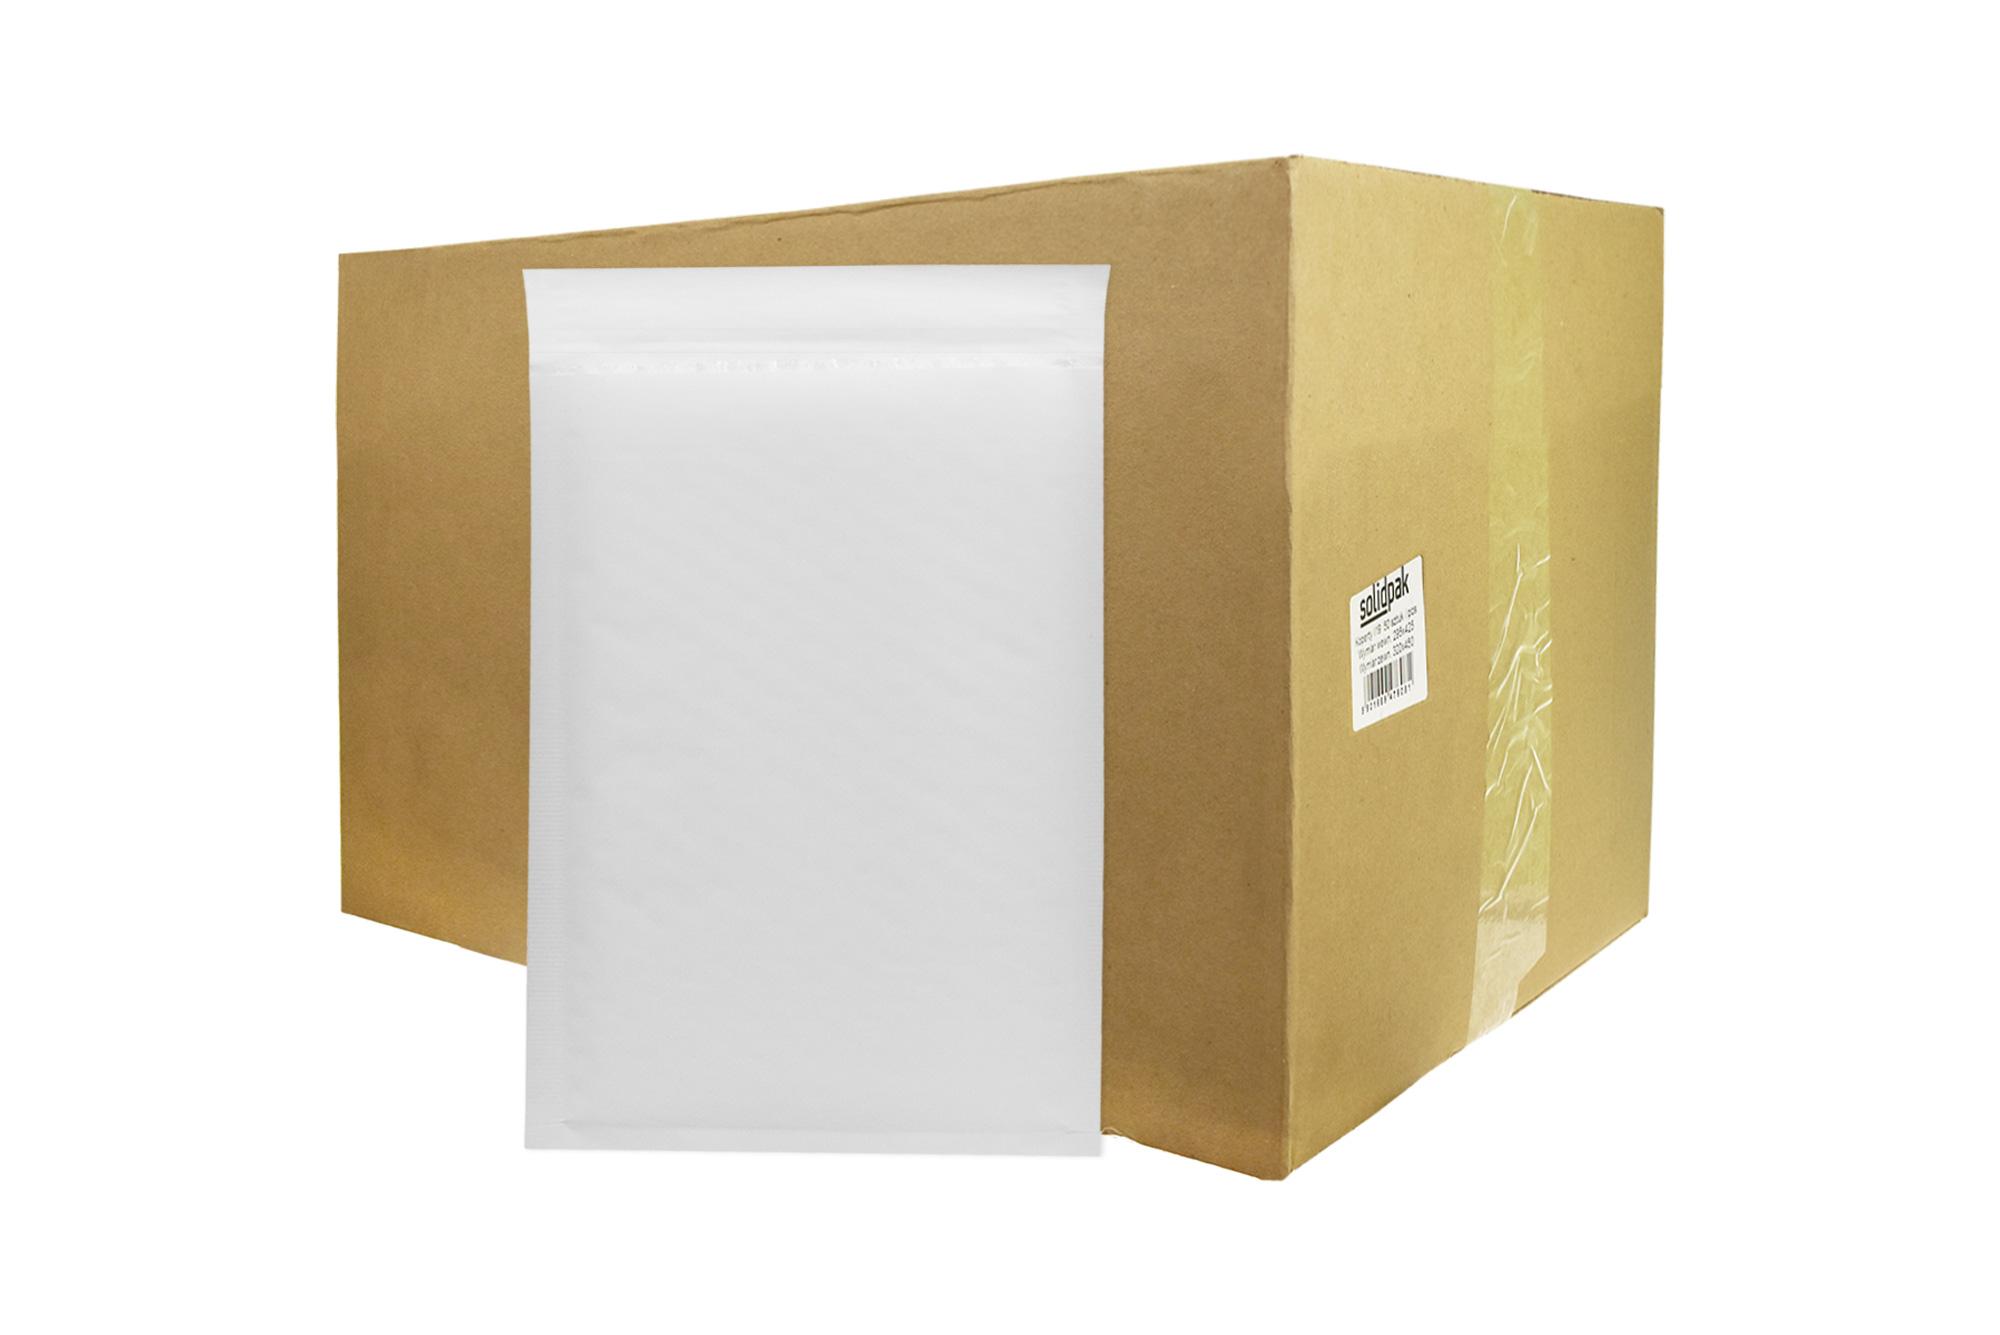 Koperty bąbelkowe białe | Producent kopert bąbelkowych